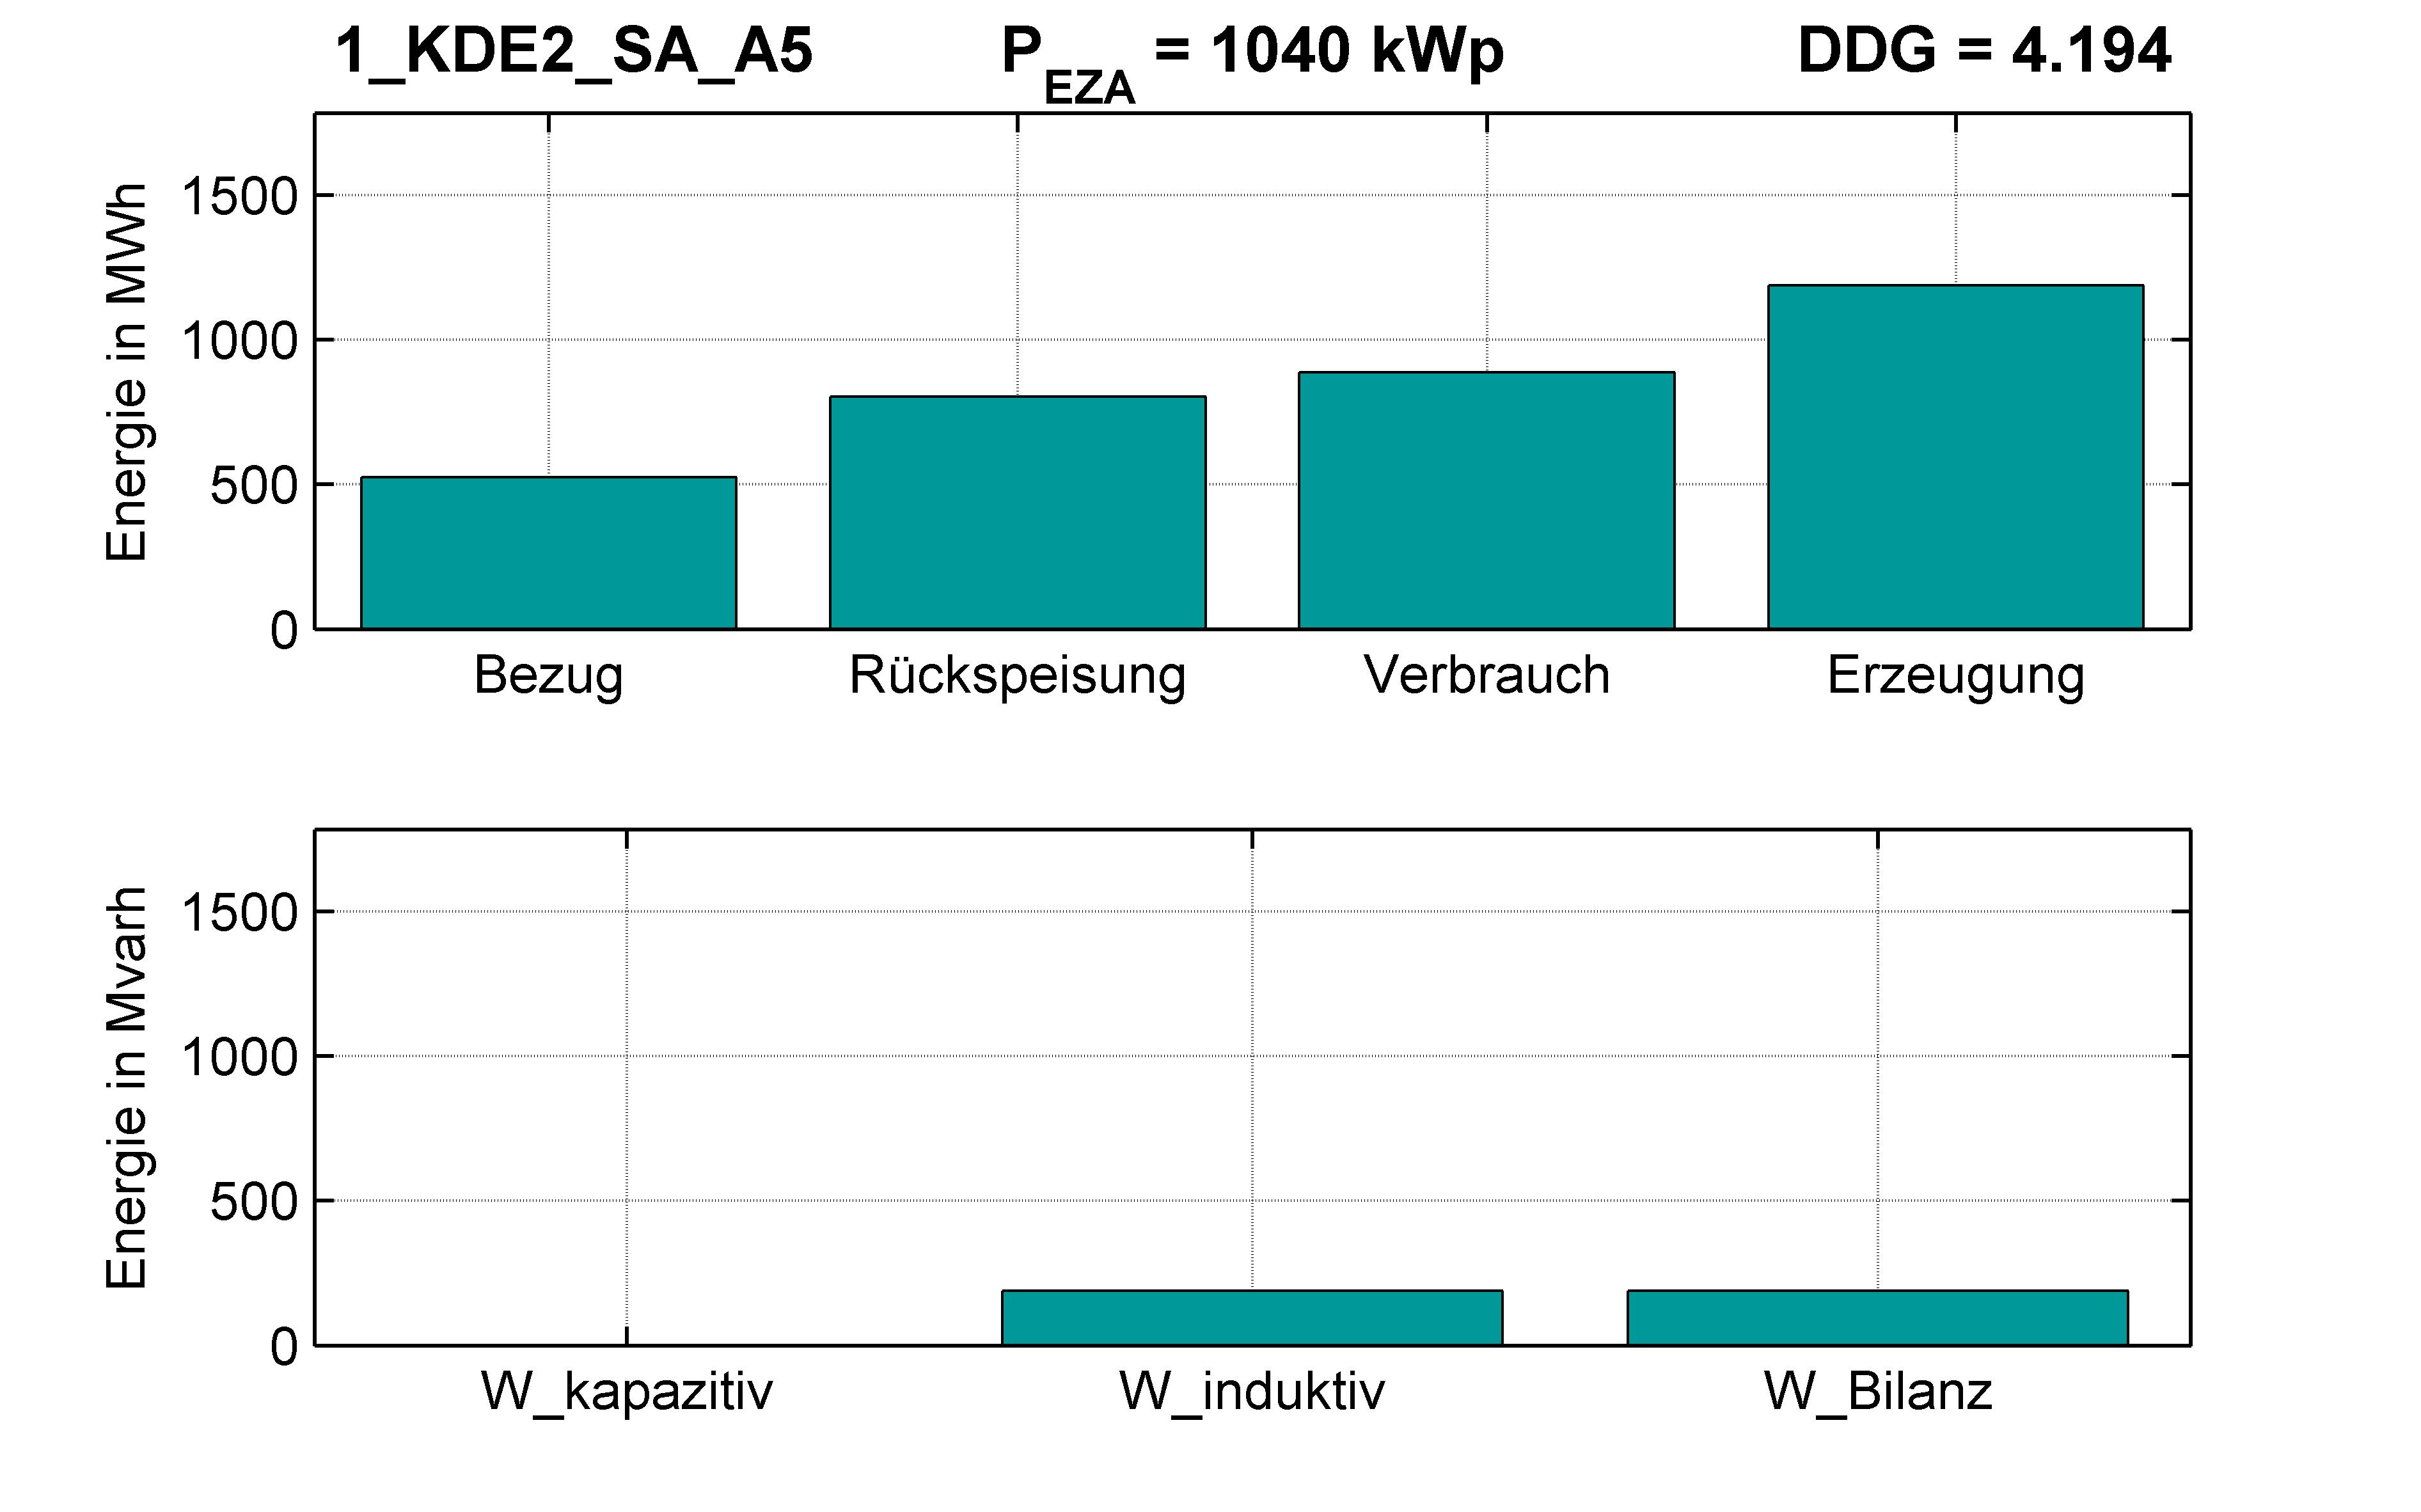 KDE2 | KABEL (SA) A5 | PQ-Bilanz